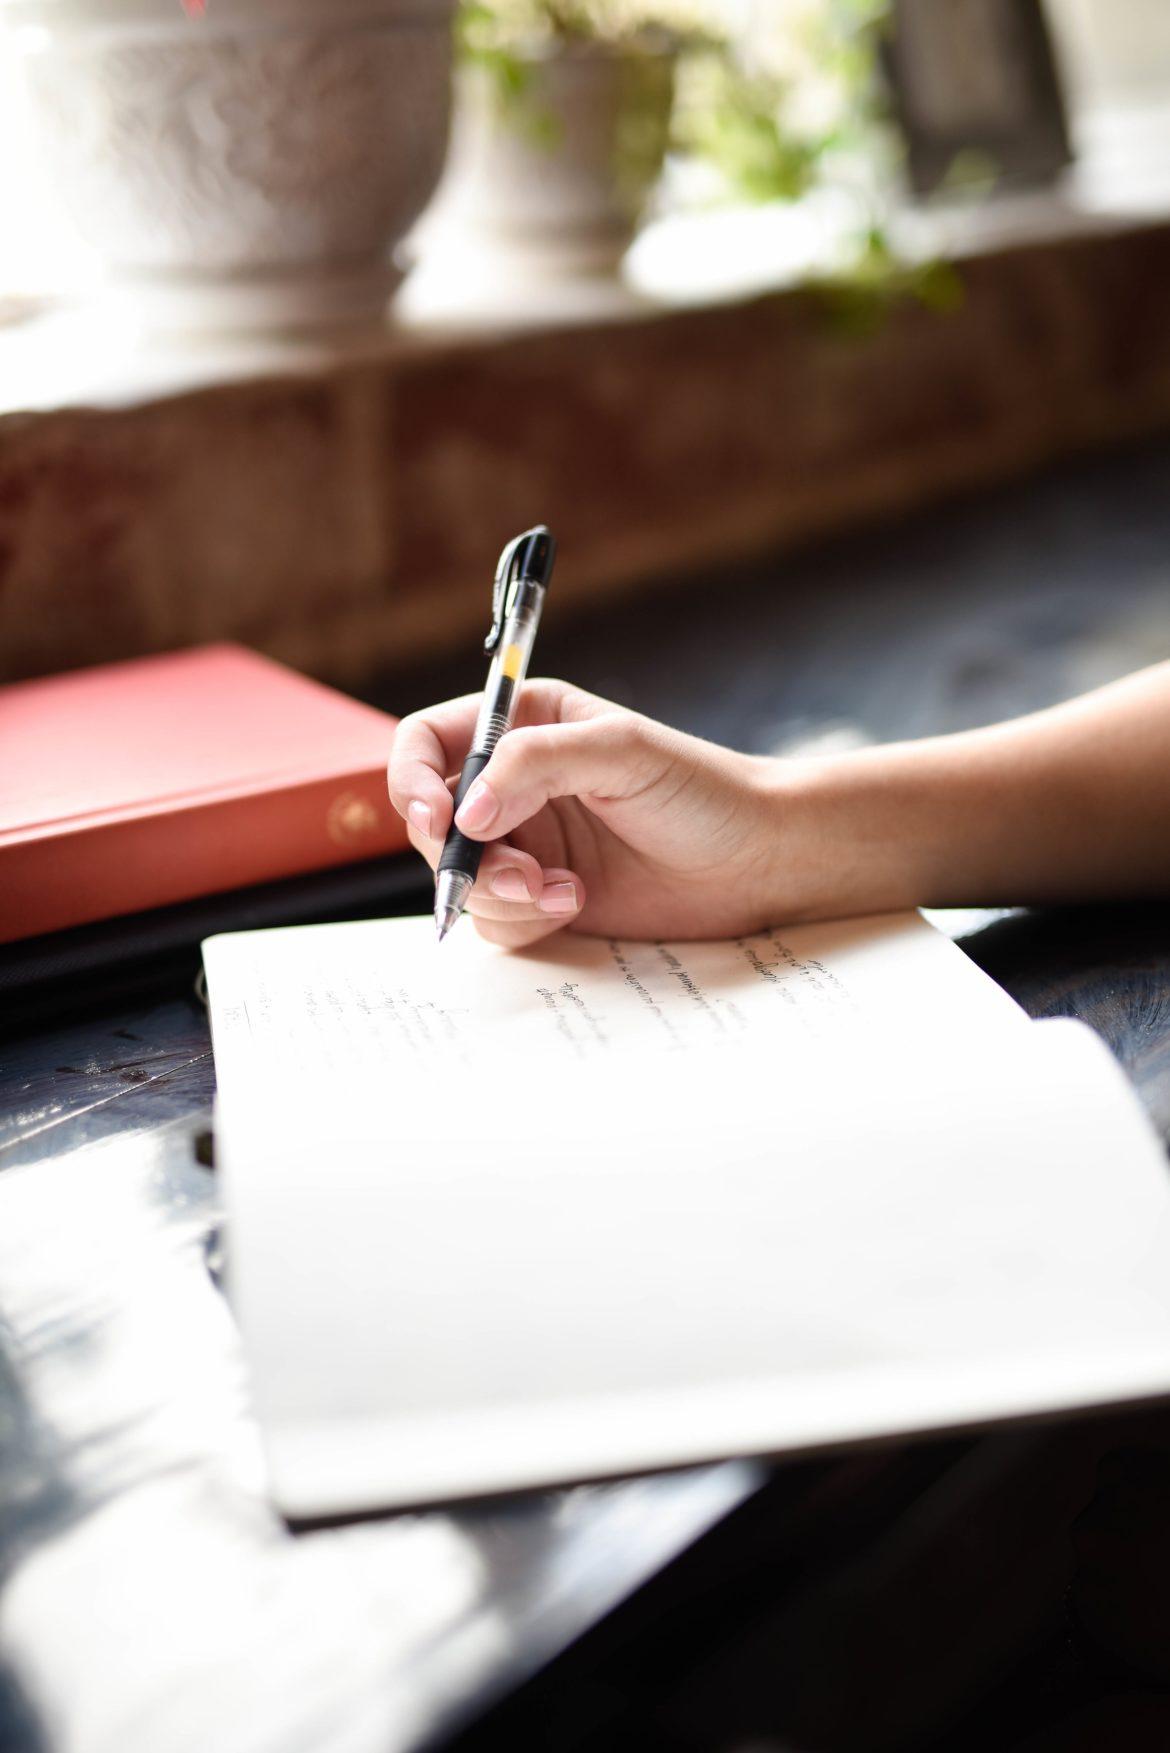 Comment écrire une bonne introduction ?